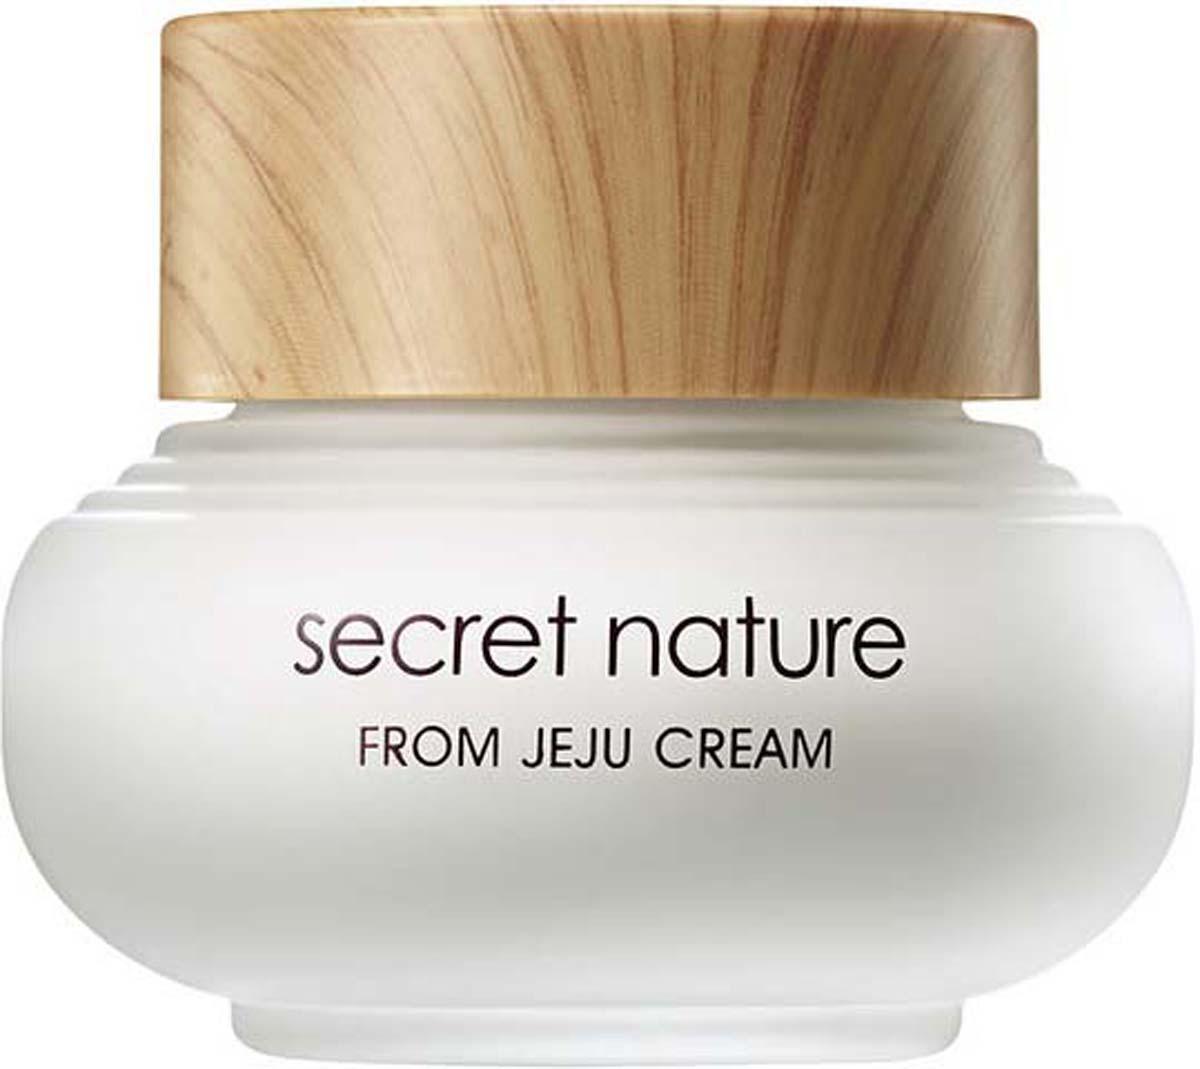 Secret Nature From Jeju Cream Увлажняющий крем с зеленым чаем, 50 мл голомысова н два ока двух миров главная тайна египта isbn 9785444417164